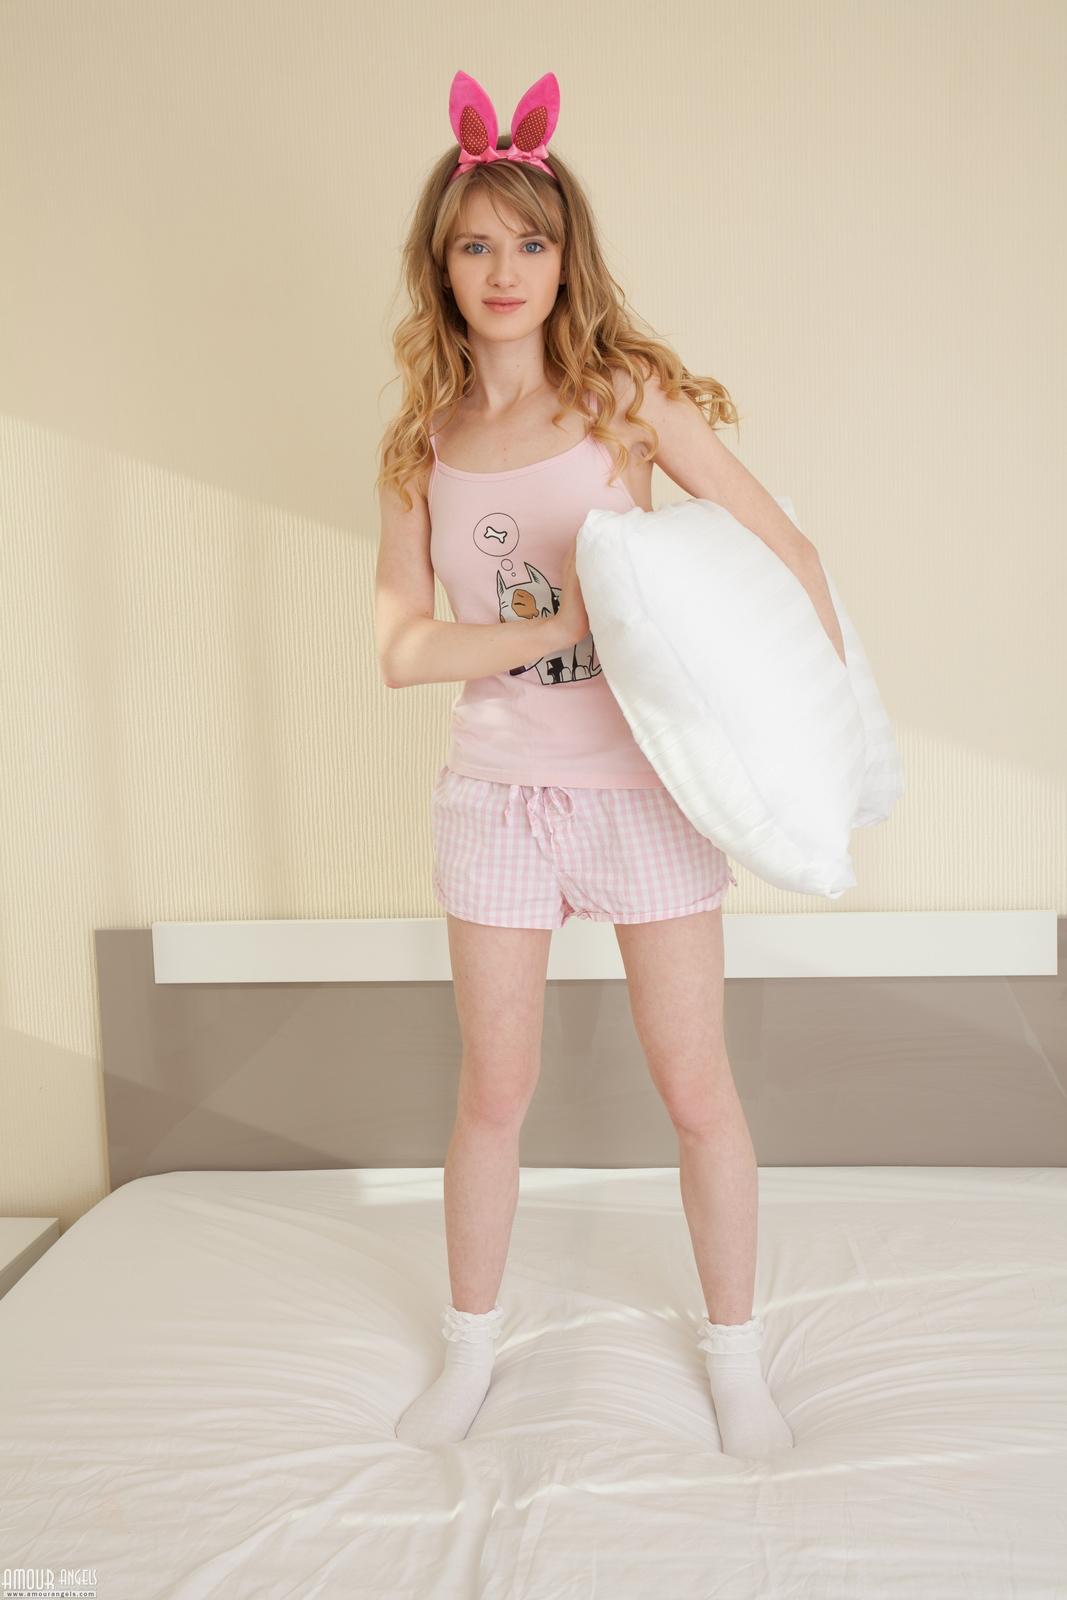 monika-bedroom-naked-white-socks-amour-angels-01